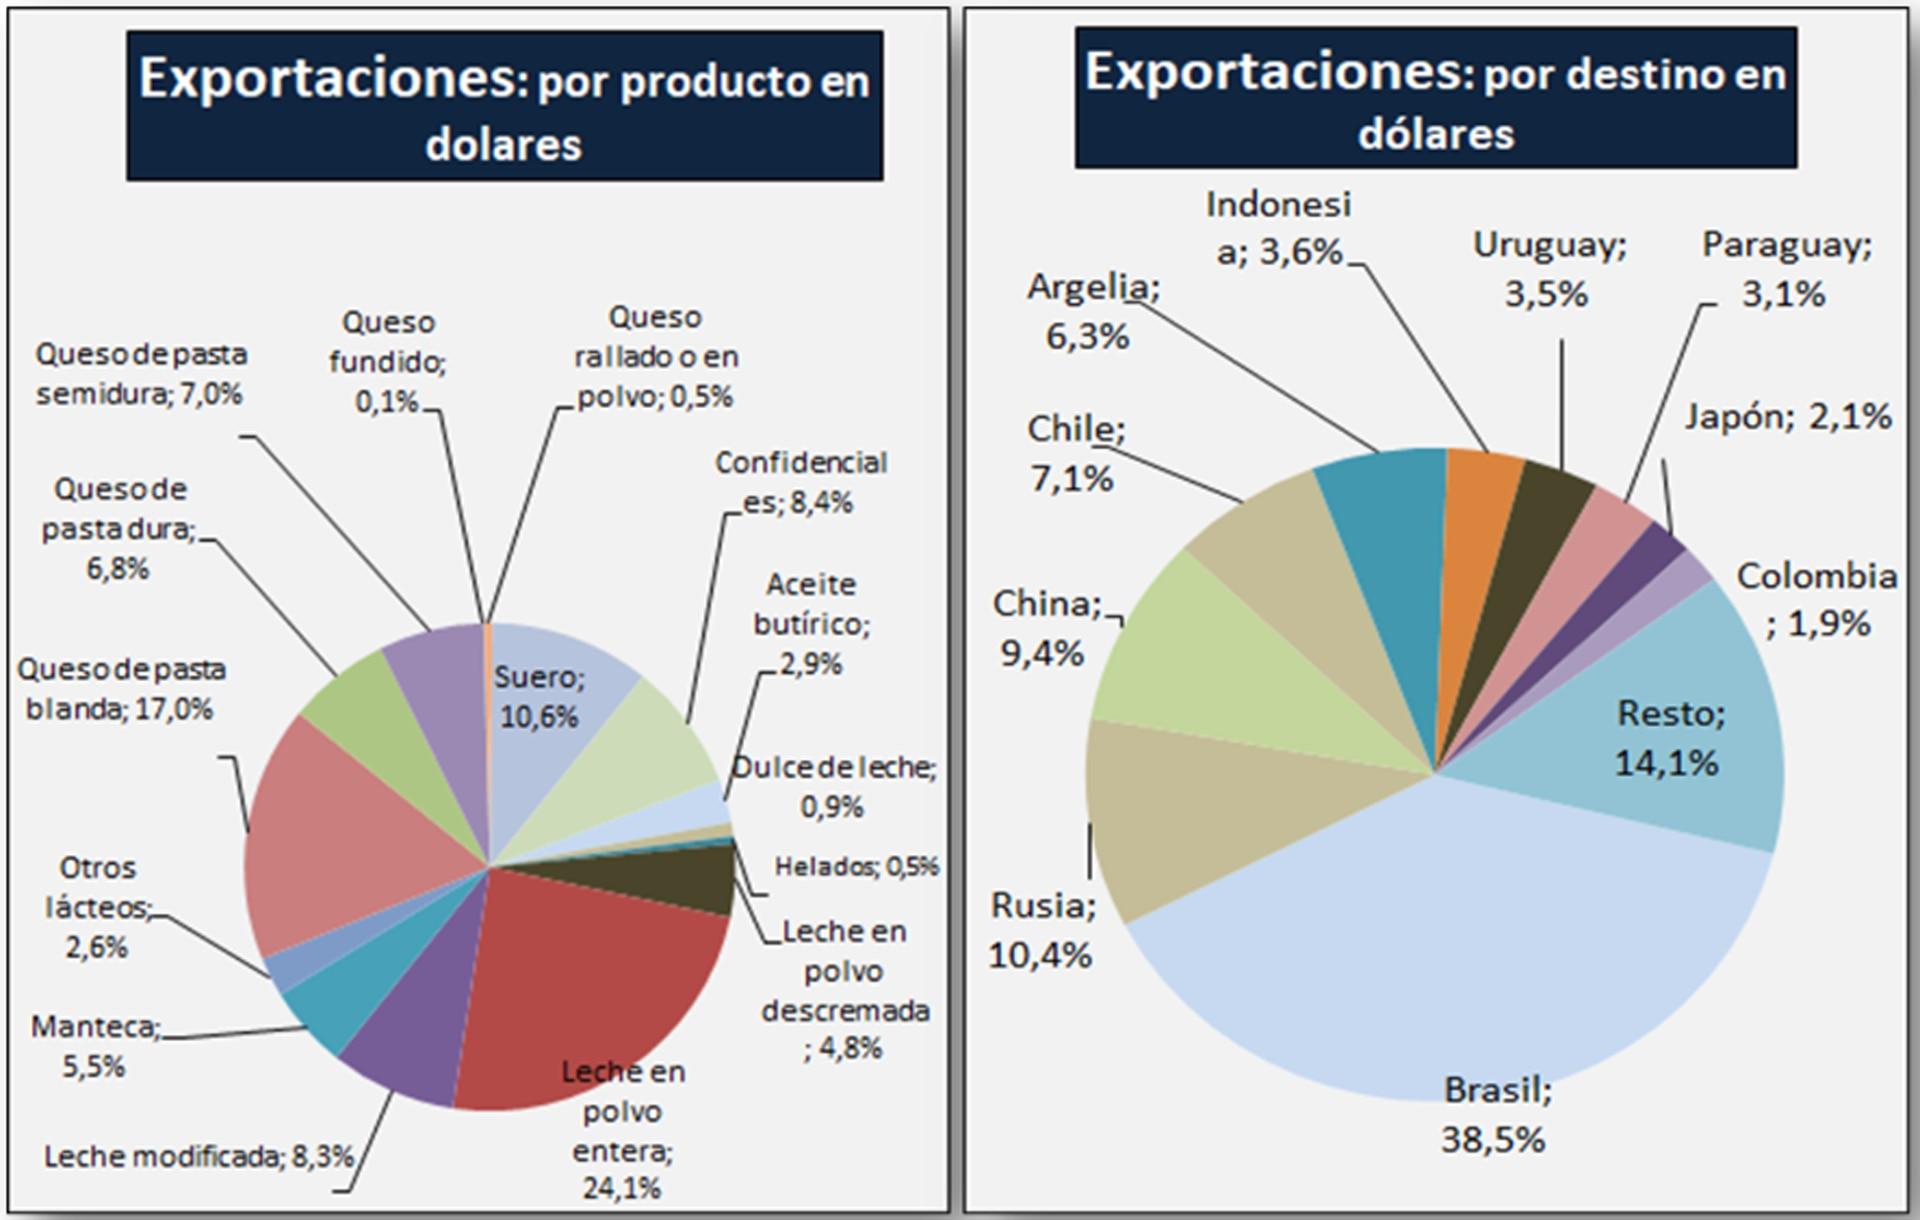 Exportaciones: por productos/por destino en dólares.